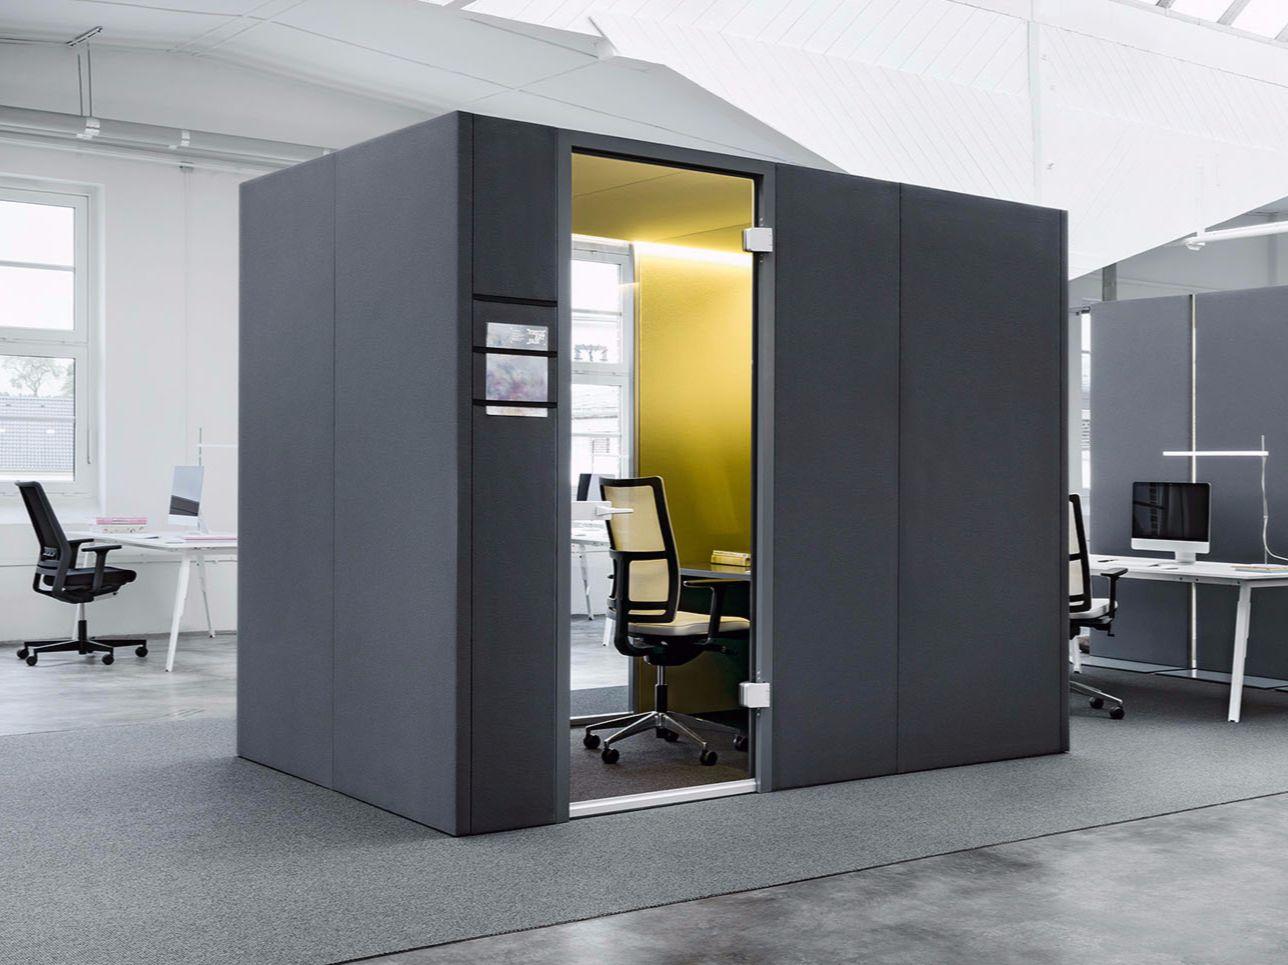 cabine de bureau acoustique cas rooms carpet concept cabines acoustiques pinterest. Black Bedroom Furniture Sets. Home Design Ideas